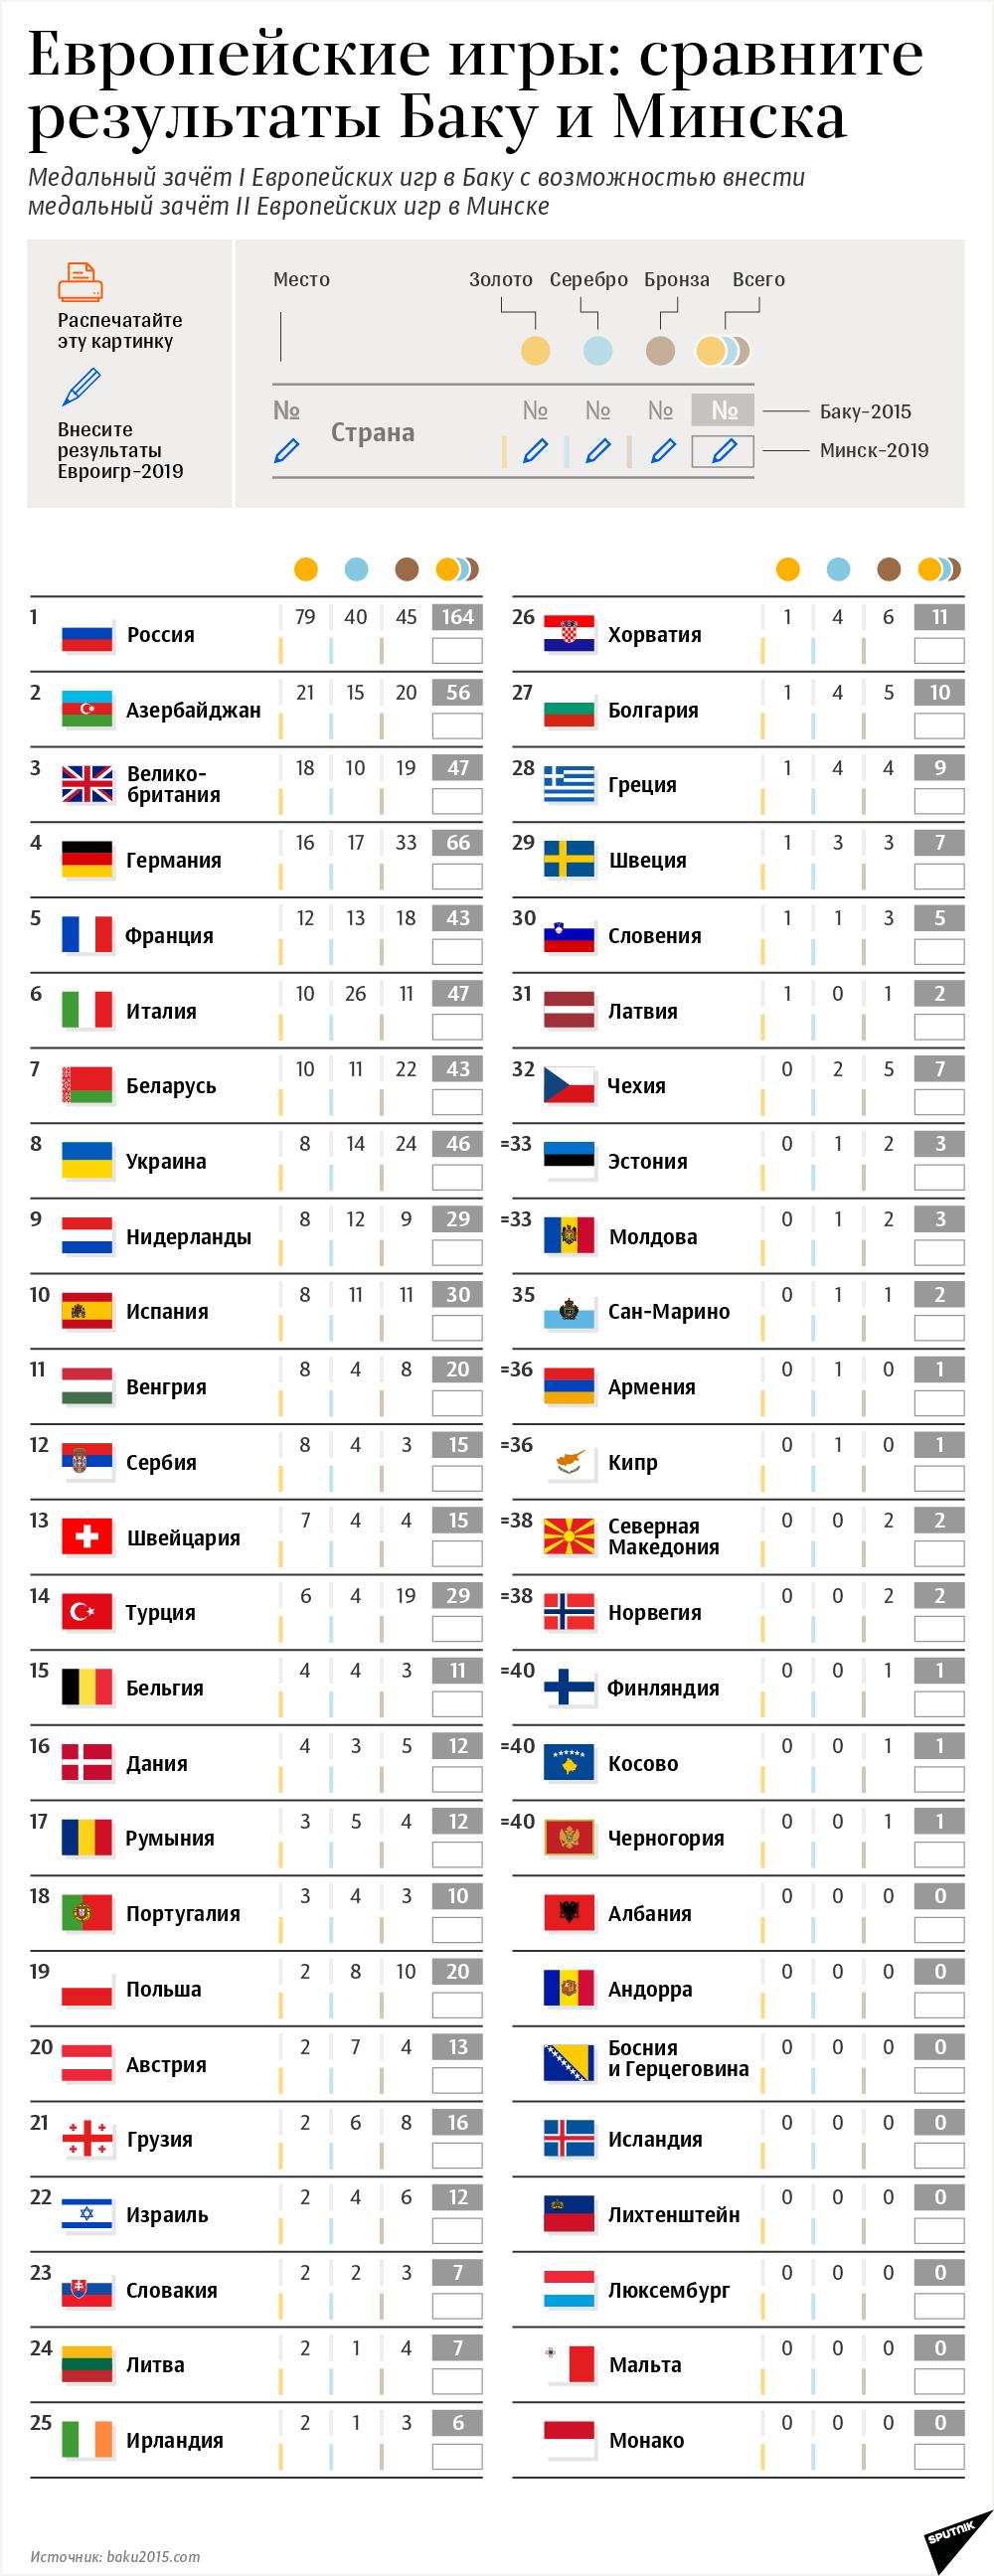 Инфографика - Европейские игры в Баку и Минске - Sputnik Азербайджан